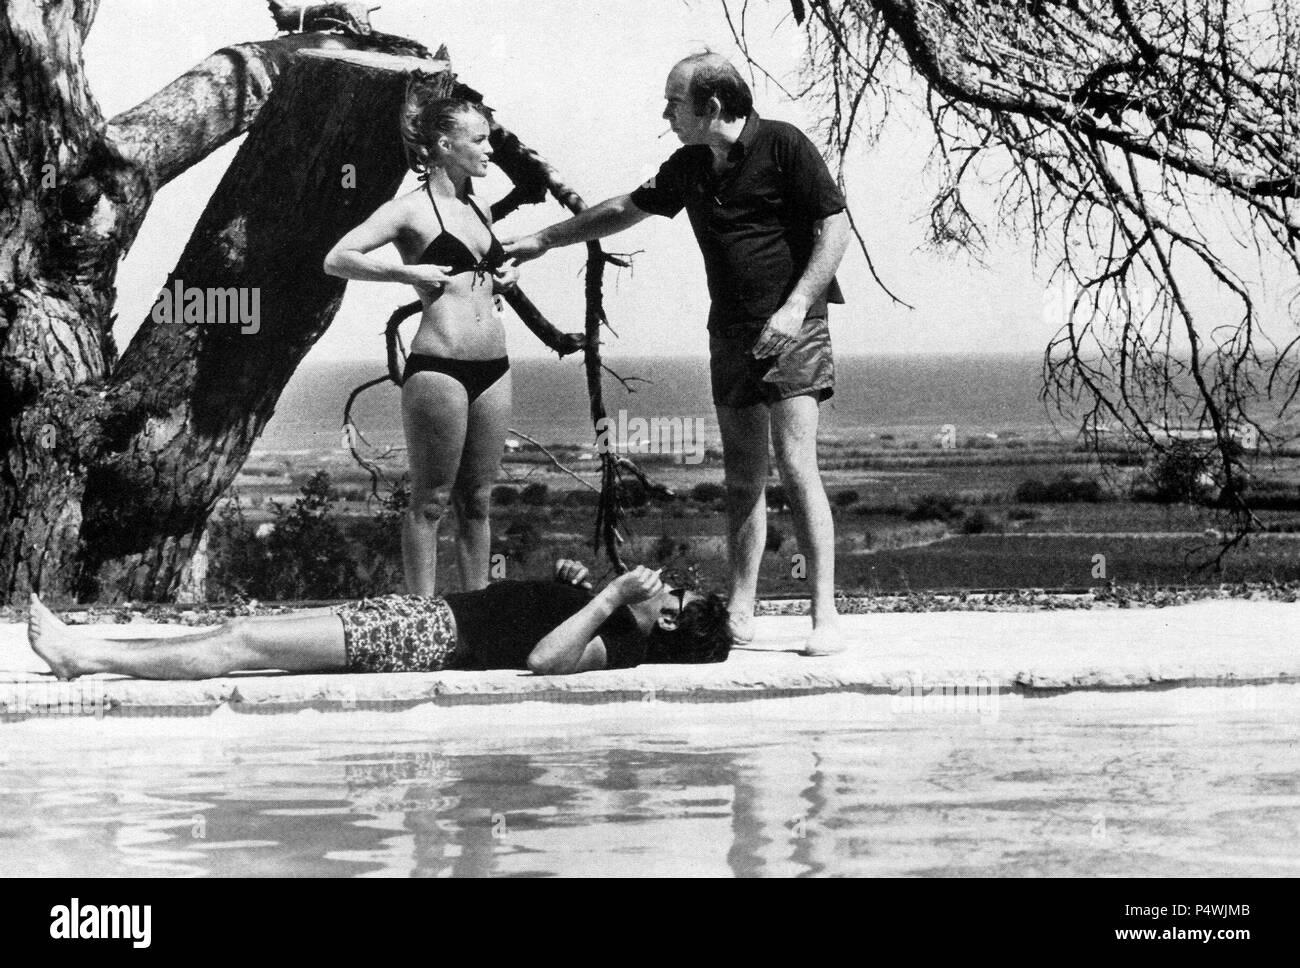 titre original la piscine titre en anglais piscine l directeur jacques deray film. Black Bedroom Furniture Sets. Home Design Ideas